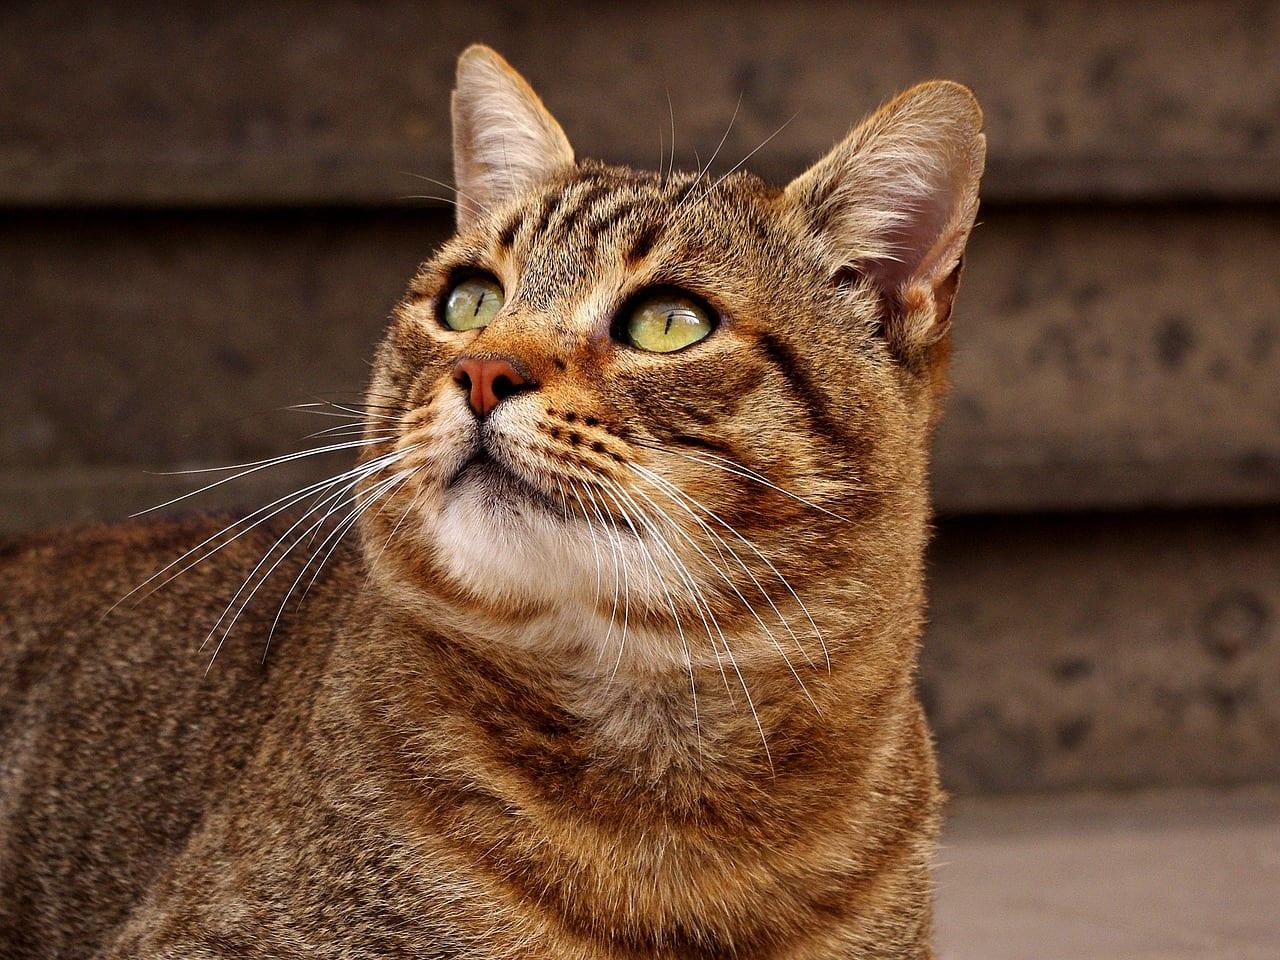 mi gato tiembla